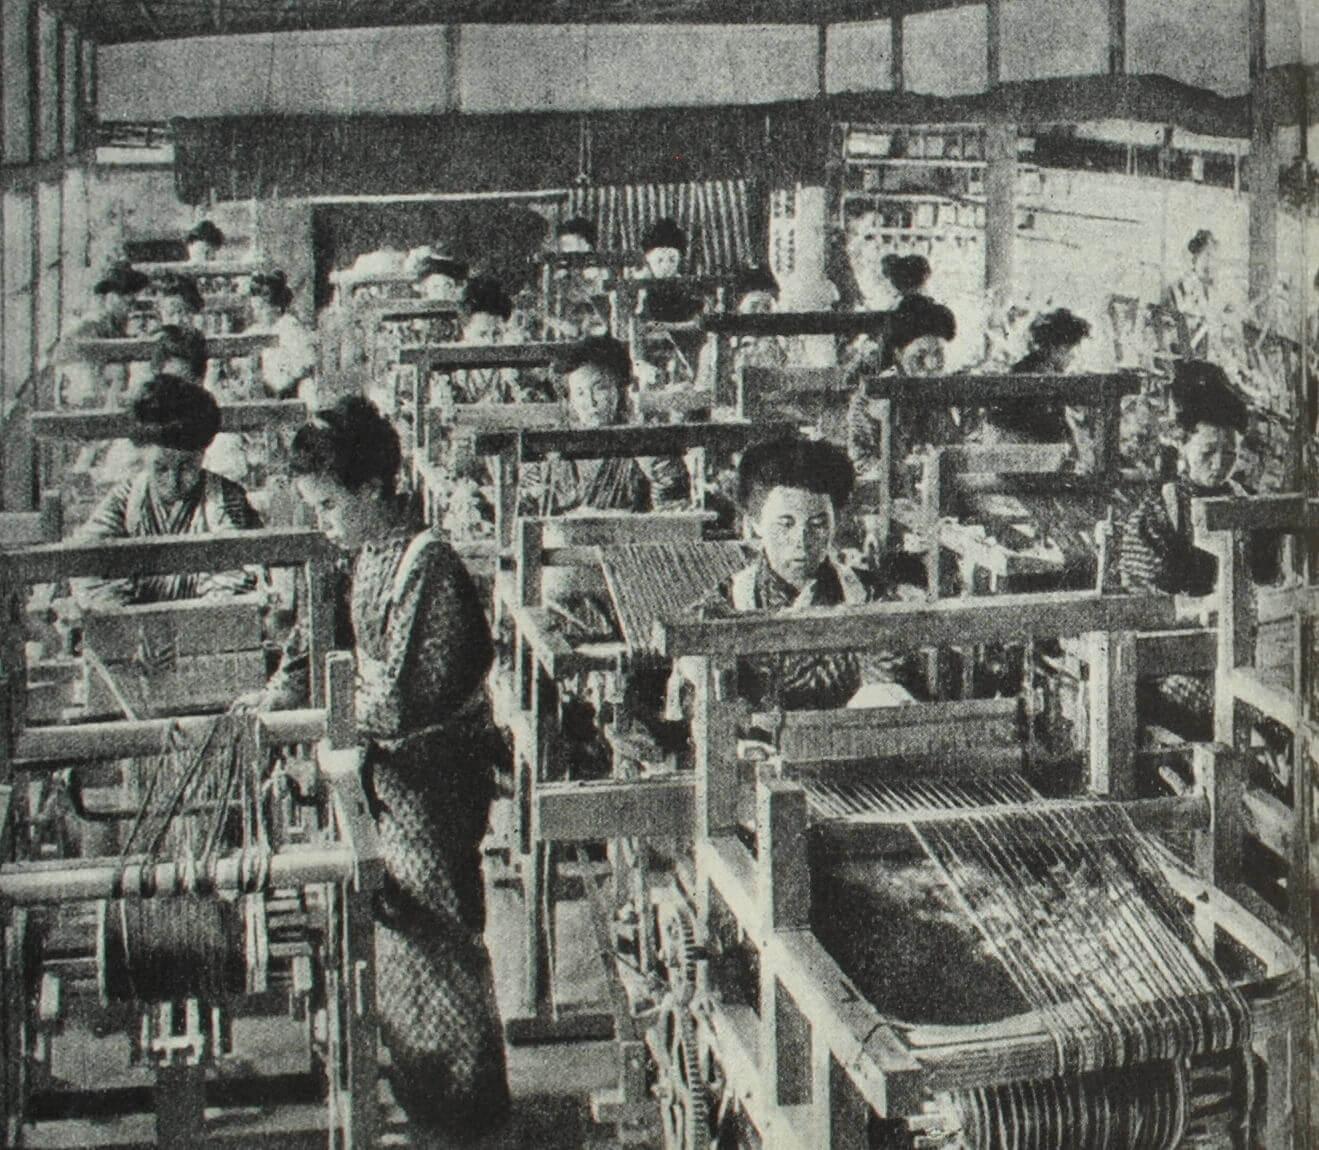 Ткацких цех на текстильной фабрике. Фотография. Начало XX в.